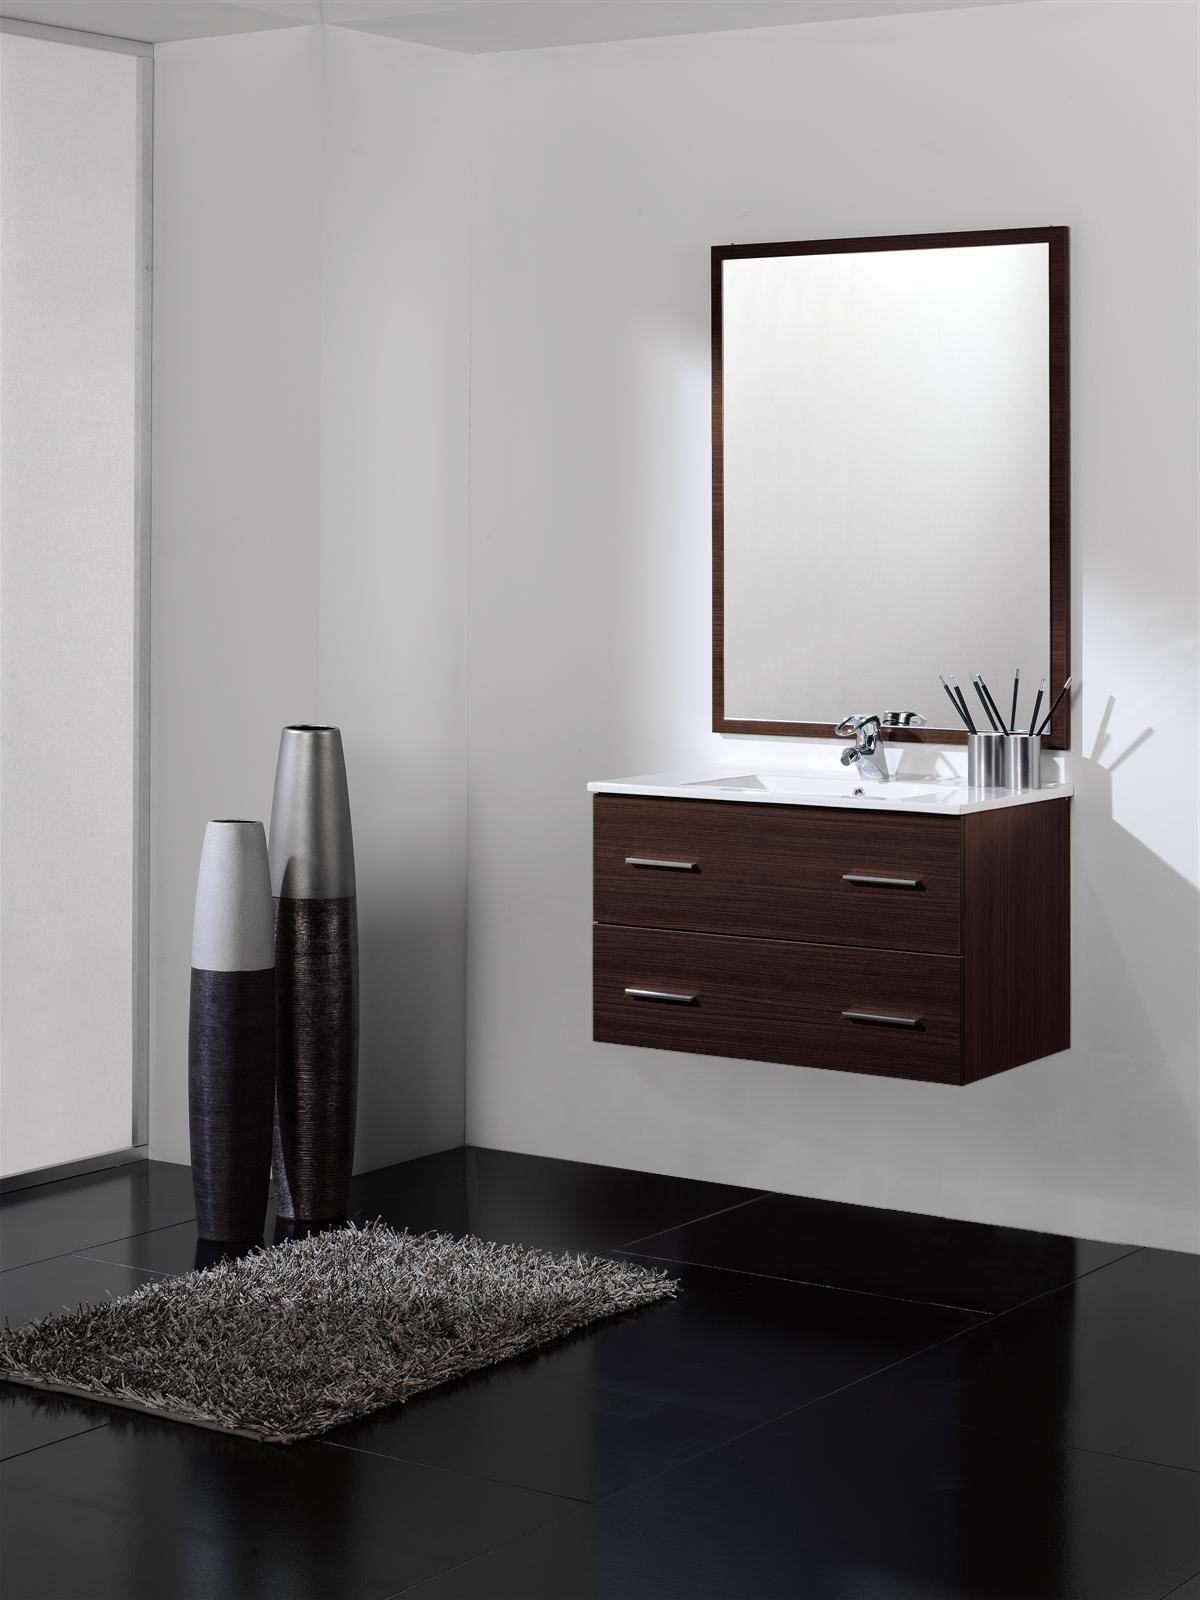 OFERTA: Mueble de baño wengue 2 cajones Suspendido. Incluye lavabo ...